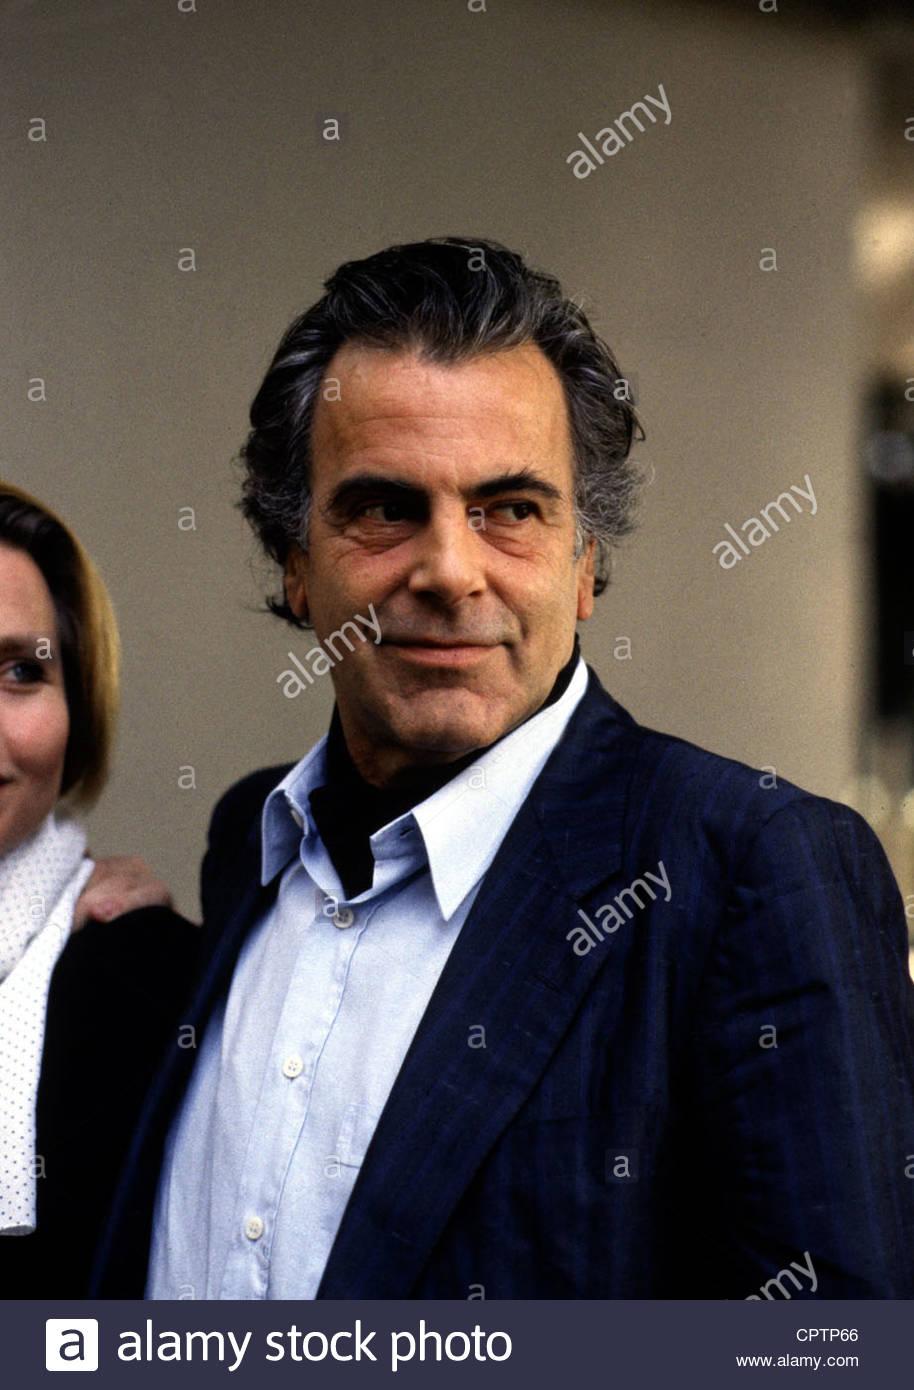 Schell, Massimiliano, * 8.12.1930, attore austriaco, ritratto, agli inizi degli anni ottanta, Immagini Stock